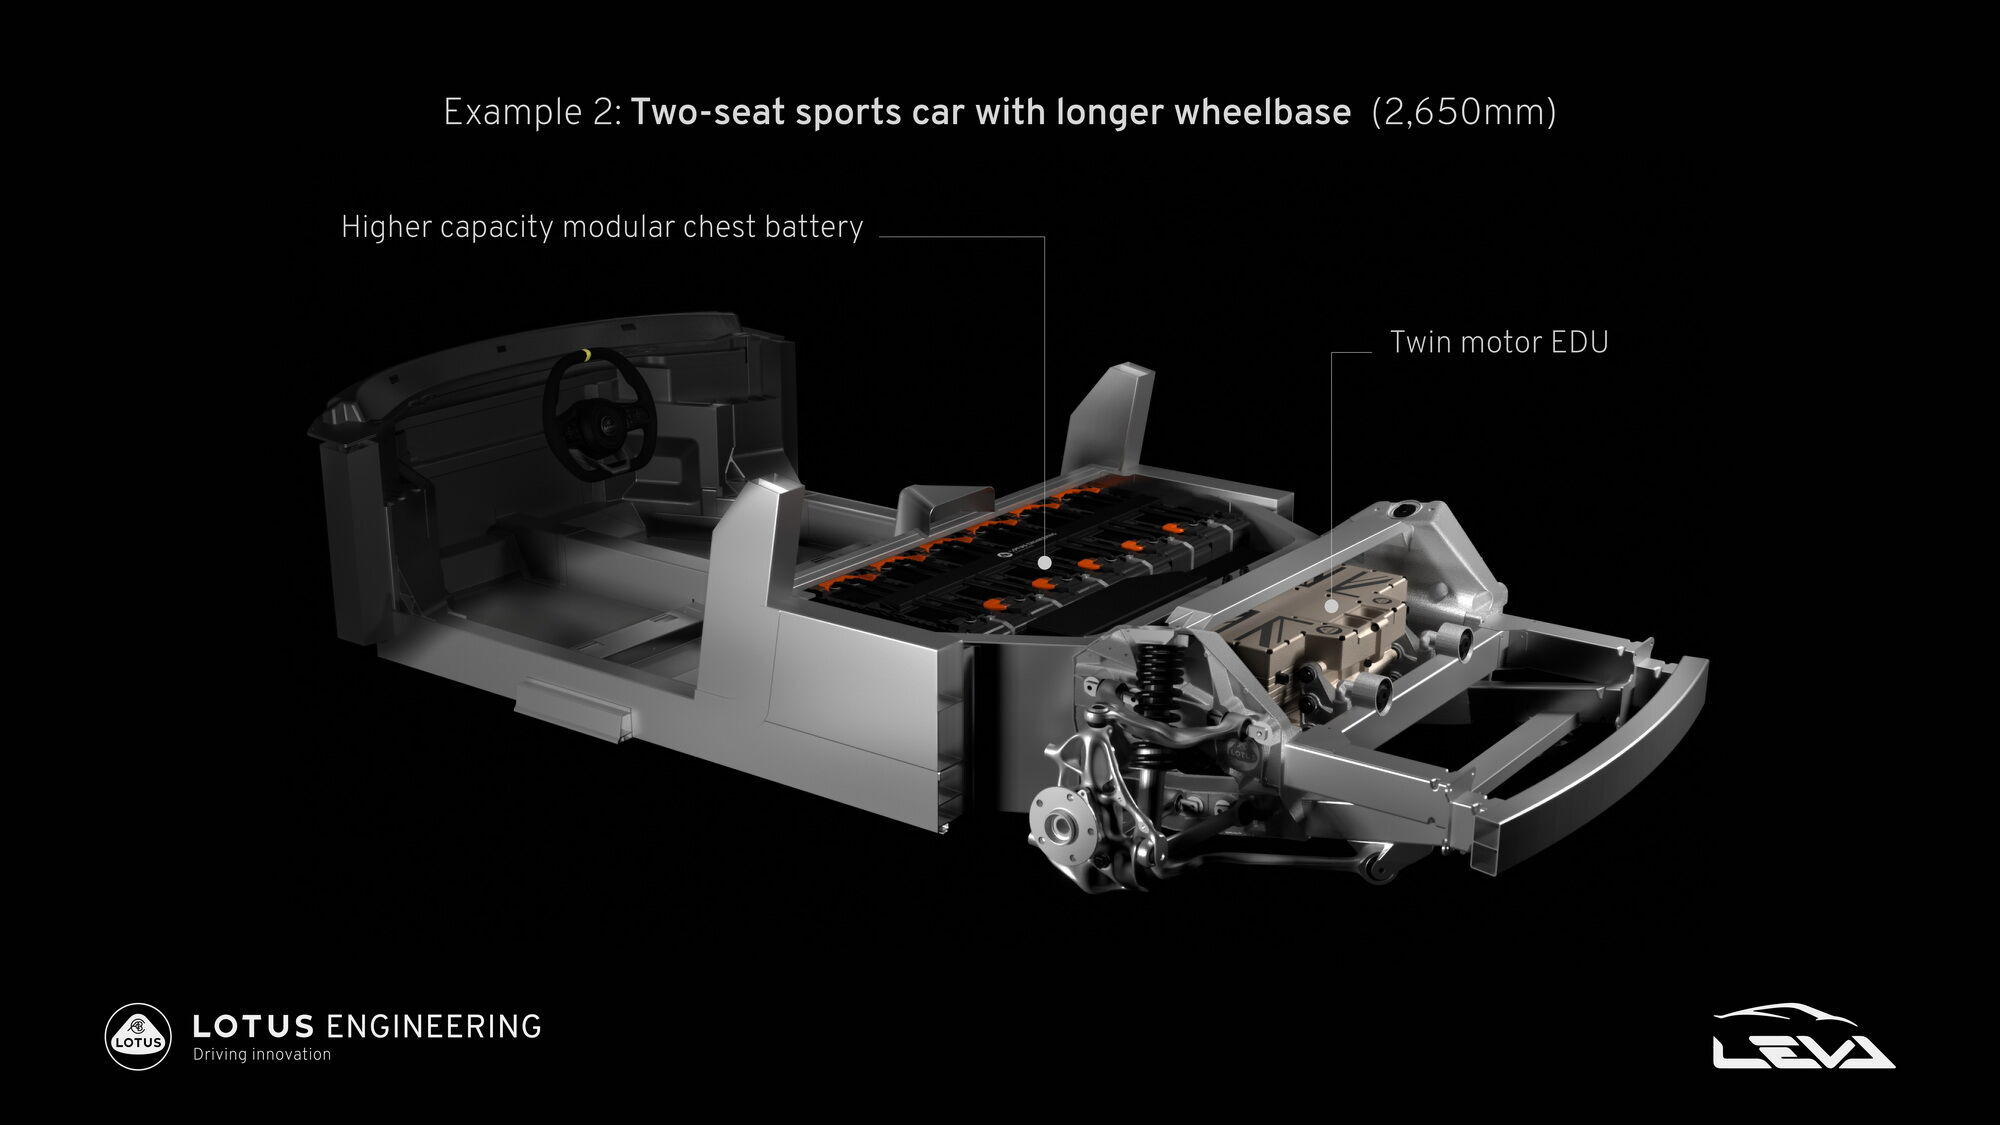 Основа для двомісного спорткара з короткою базою (2470 мм), вертикально розташованою АКБ місткістю 66,4 кВтг та 476-сильним електромотором